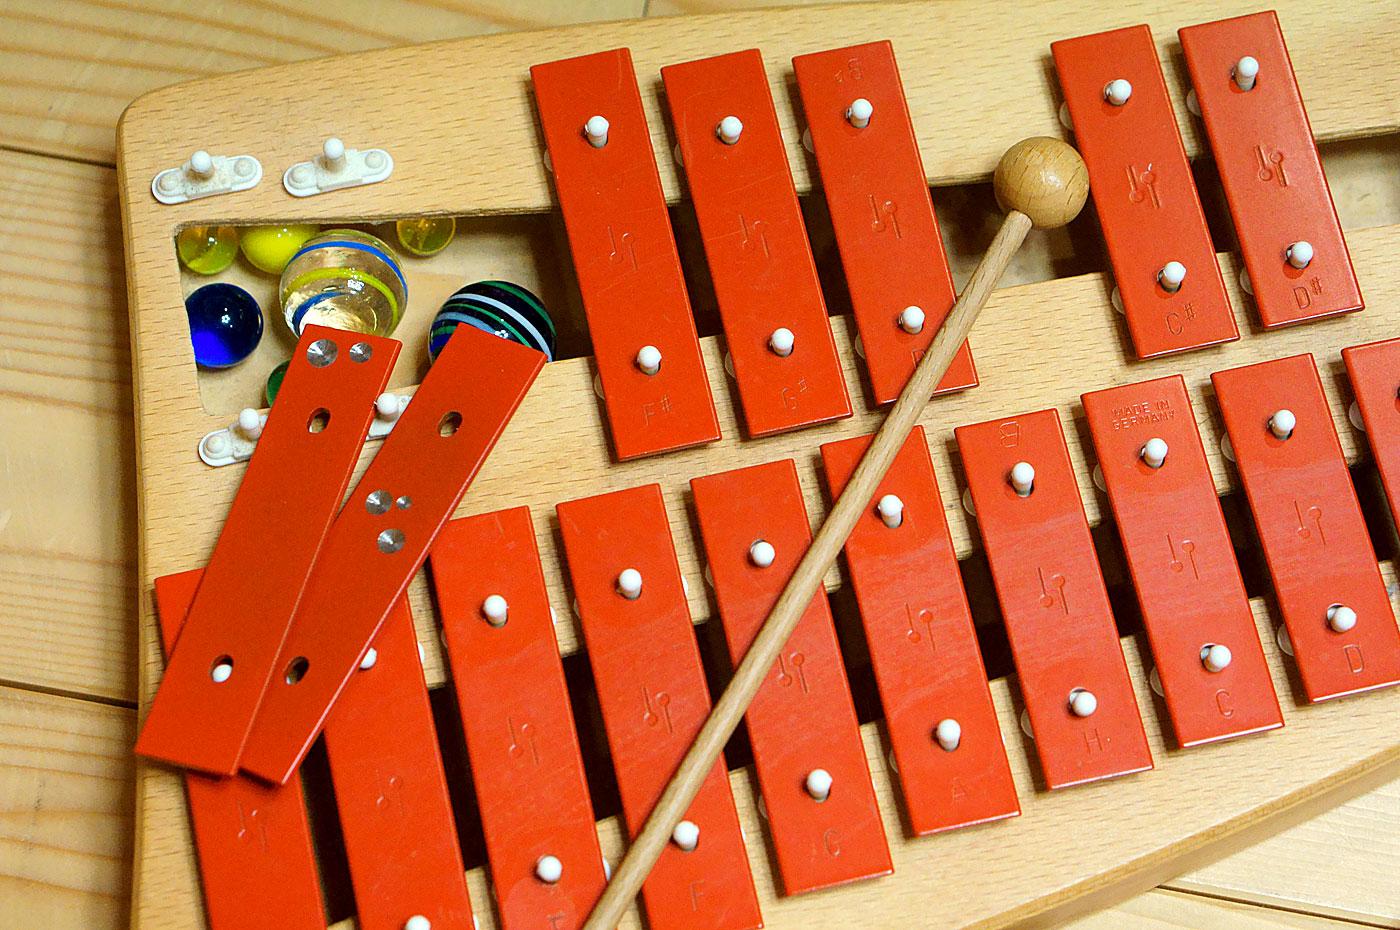 ゾノア社 2段メタルフォン 鉄琴